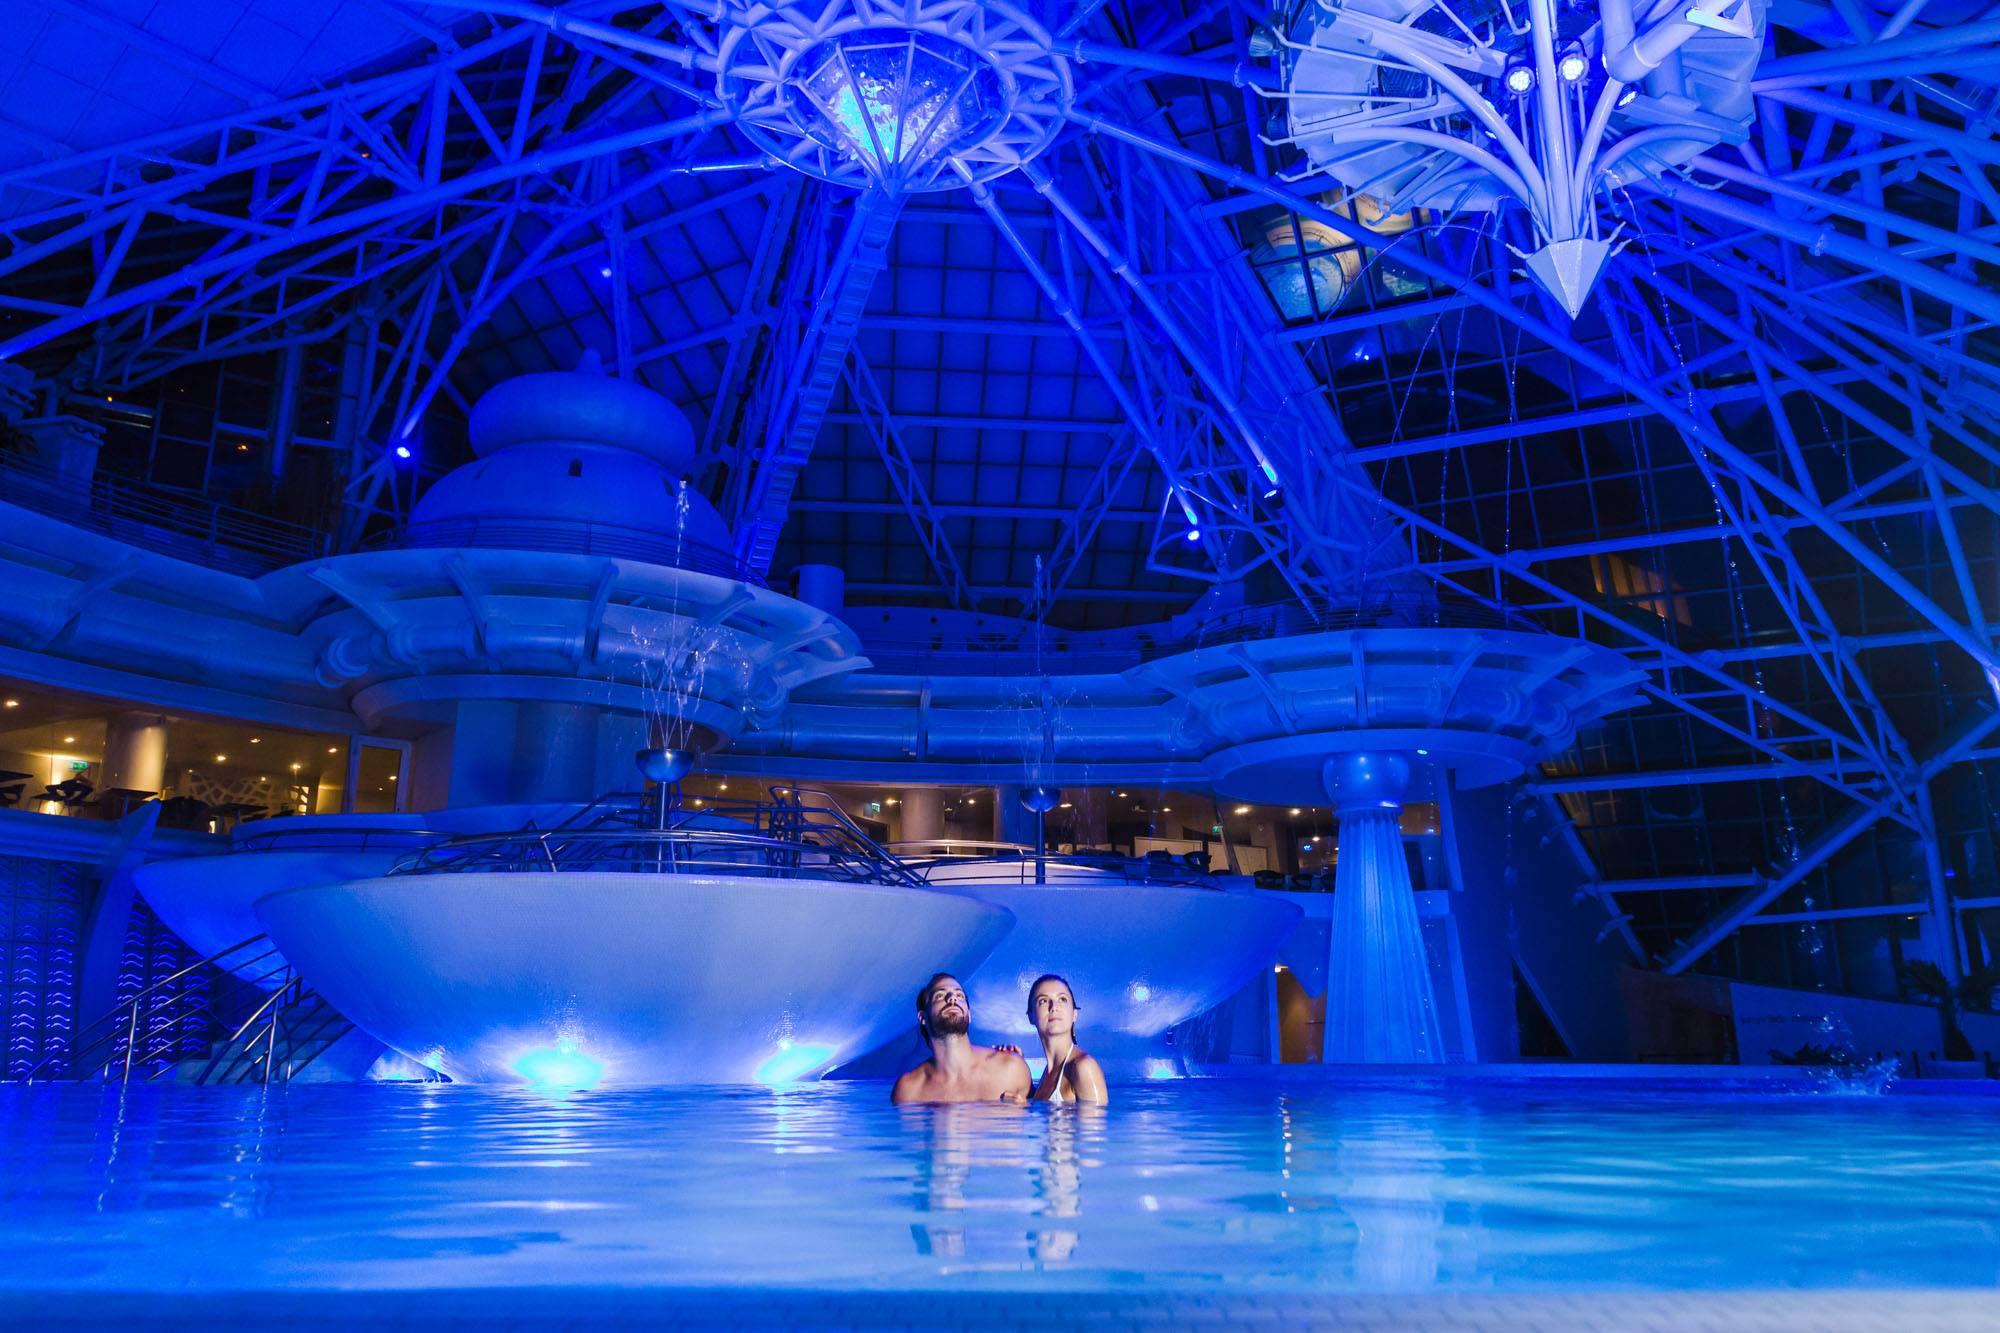 La entrada a Inúu, un masaje a dúo  y el acceso al 'spa' privado cuesta 129 euros por persona. Foto: Facebook Caldea.